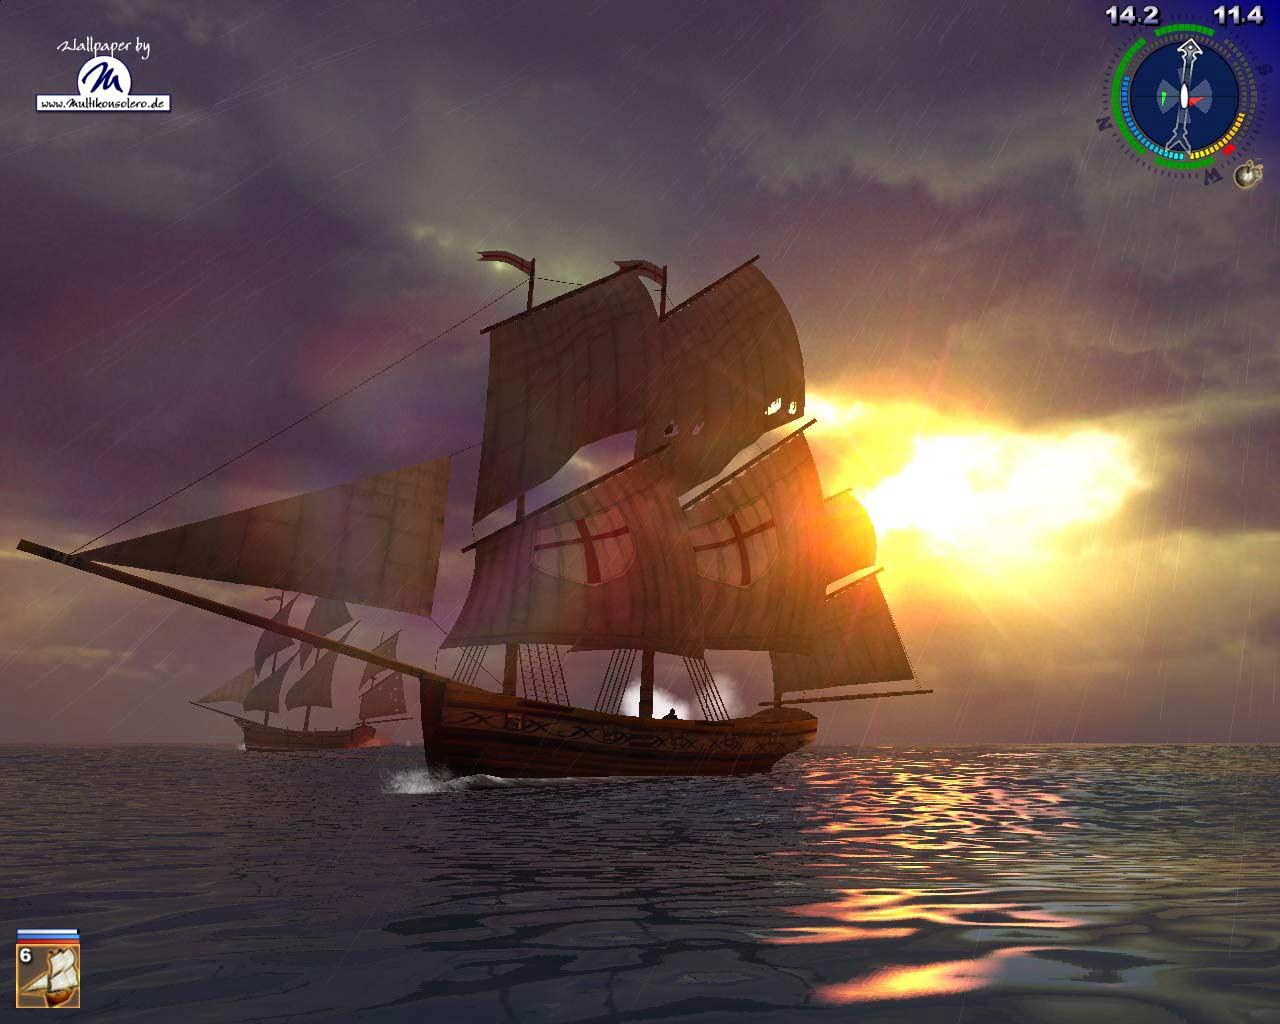 Fluch Der Karibik -wallpaper Link - Sea Dogs 2 Pirates Of The Caribbean , HD Wallpaper & Backgrounds